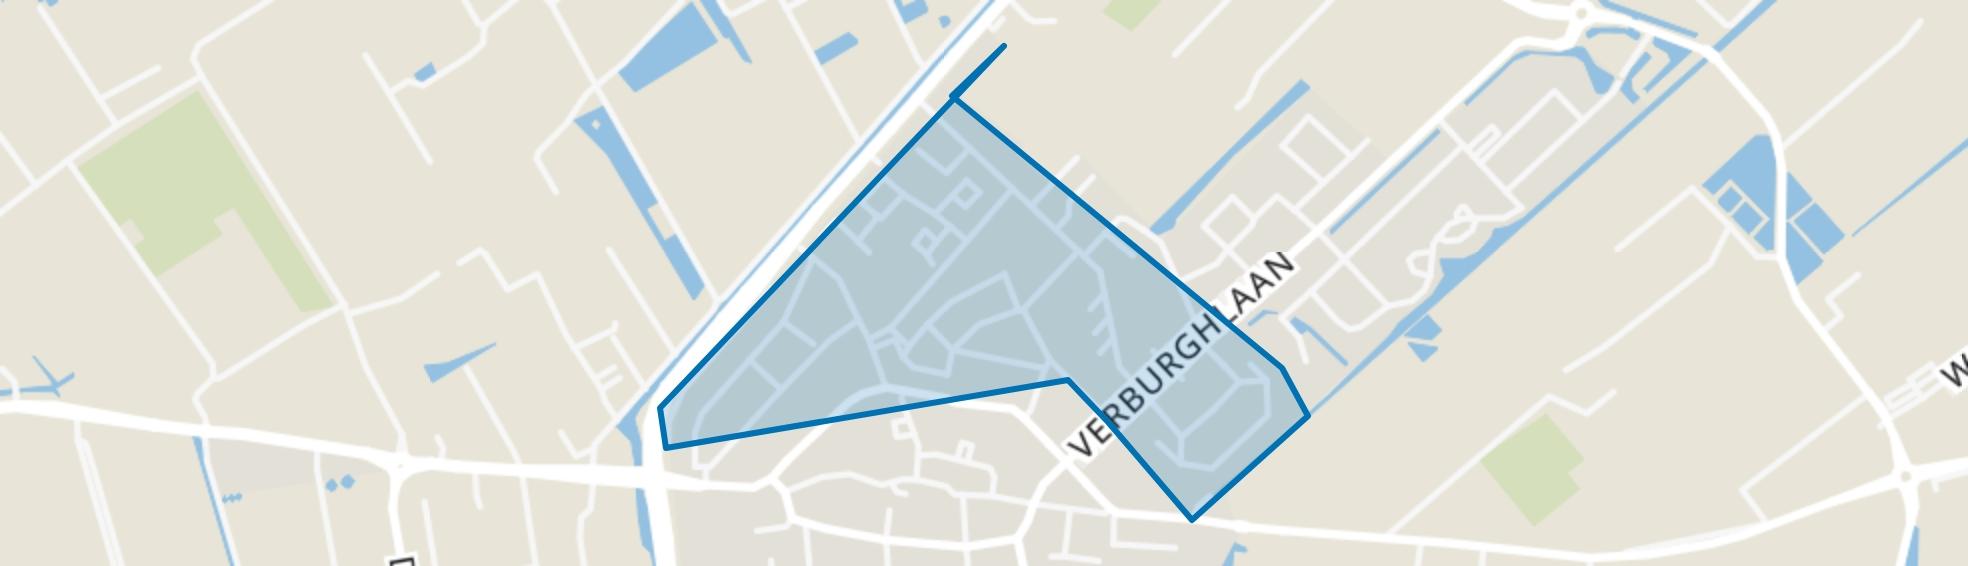 Poeldijk Noord, Poeldijk map